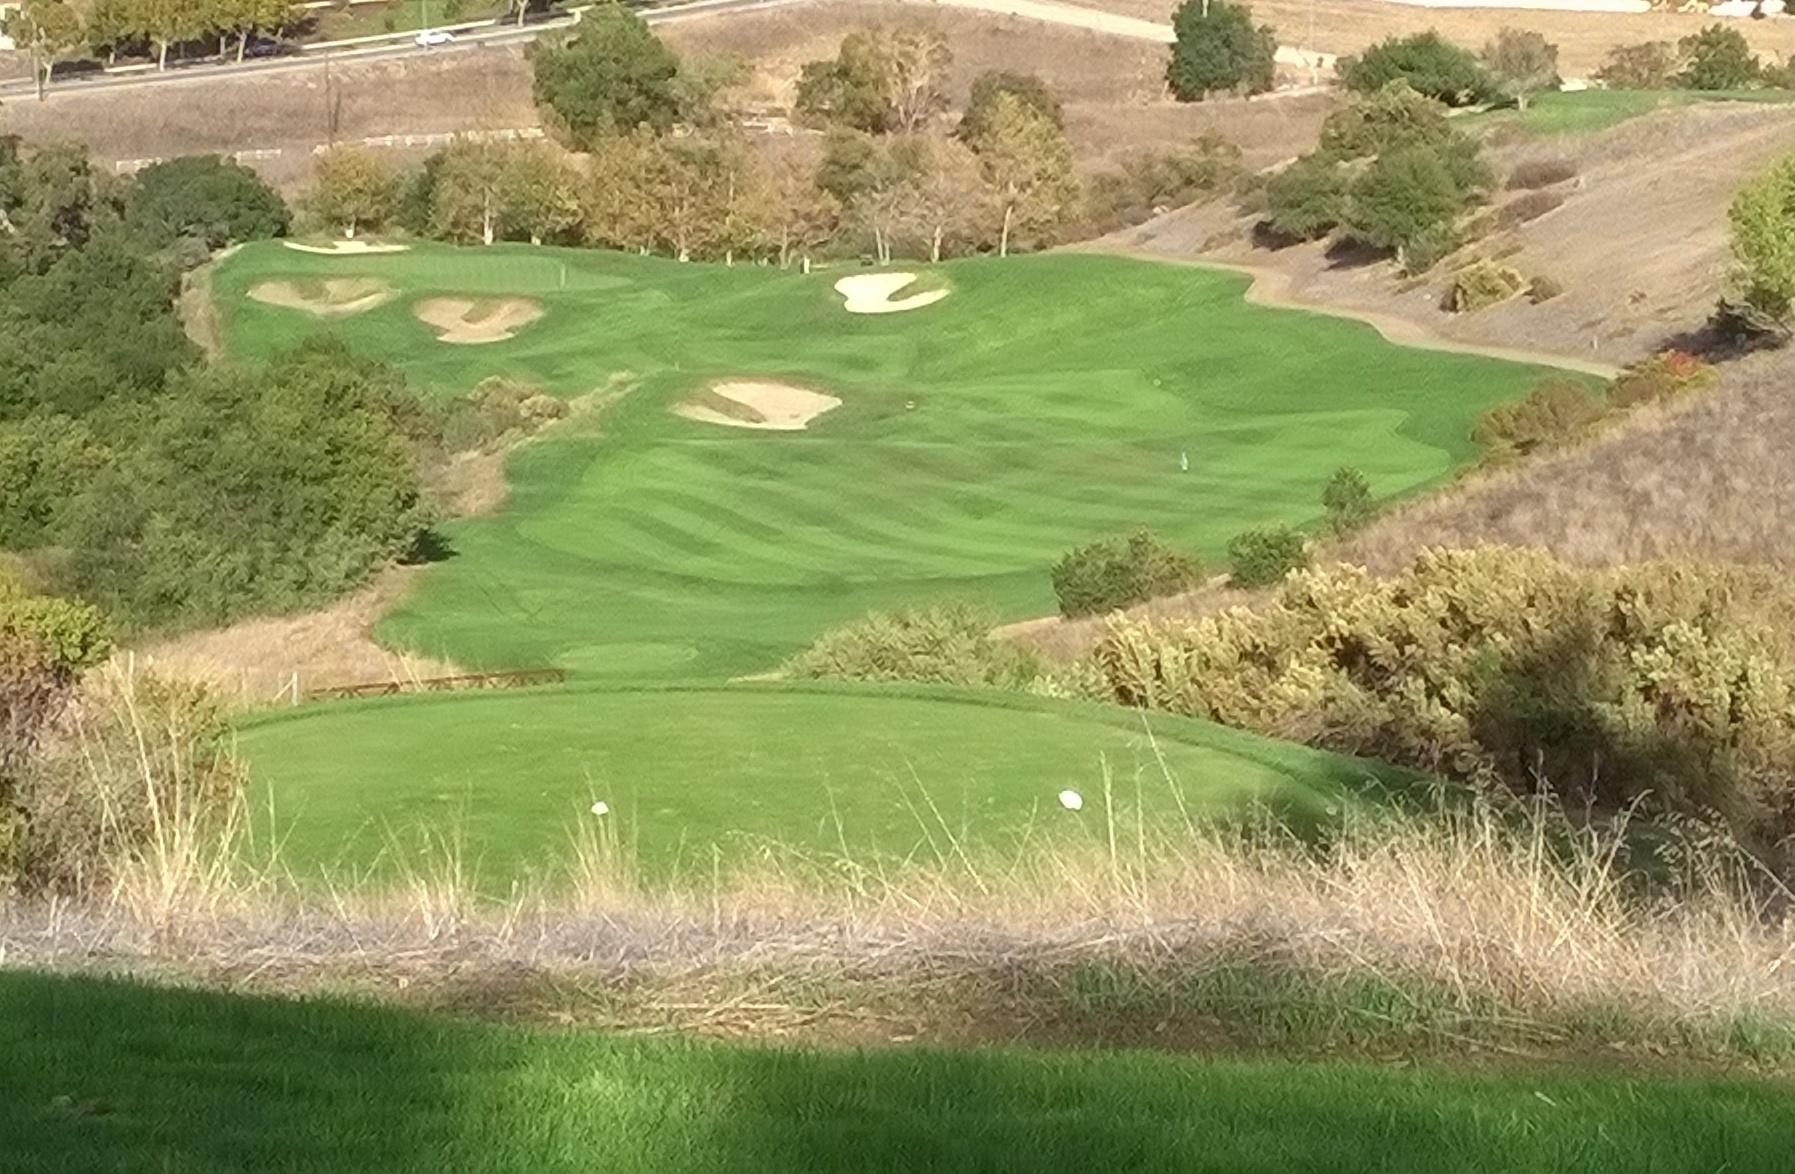 The Ranch Golf Course in San Jose California